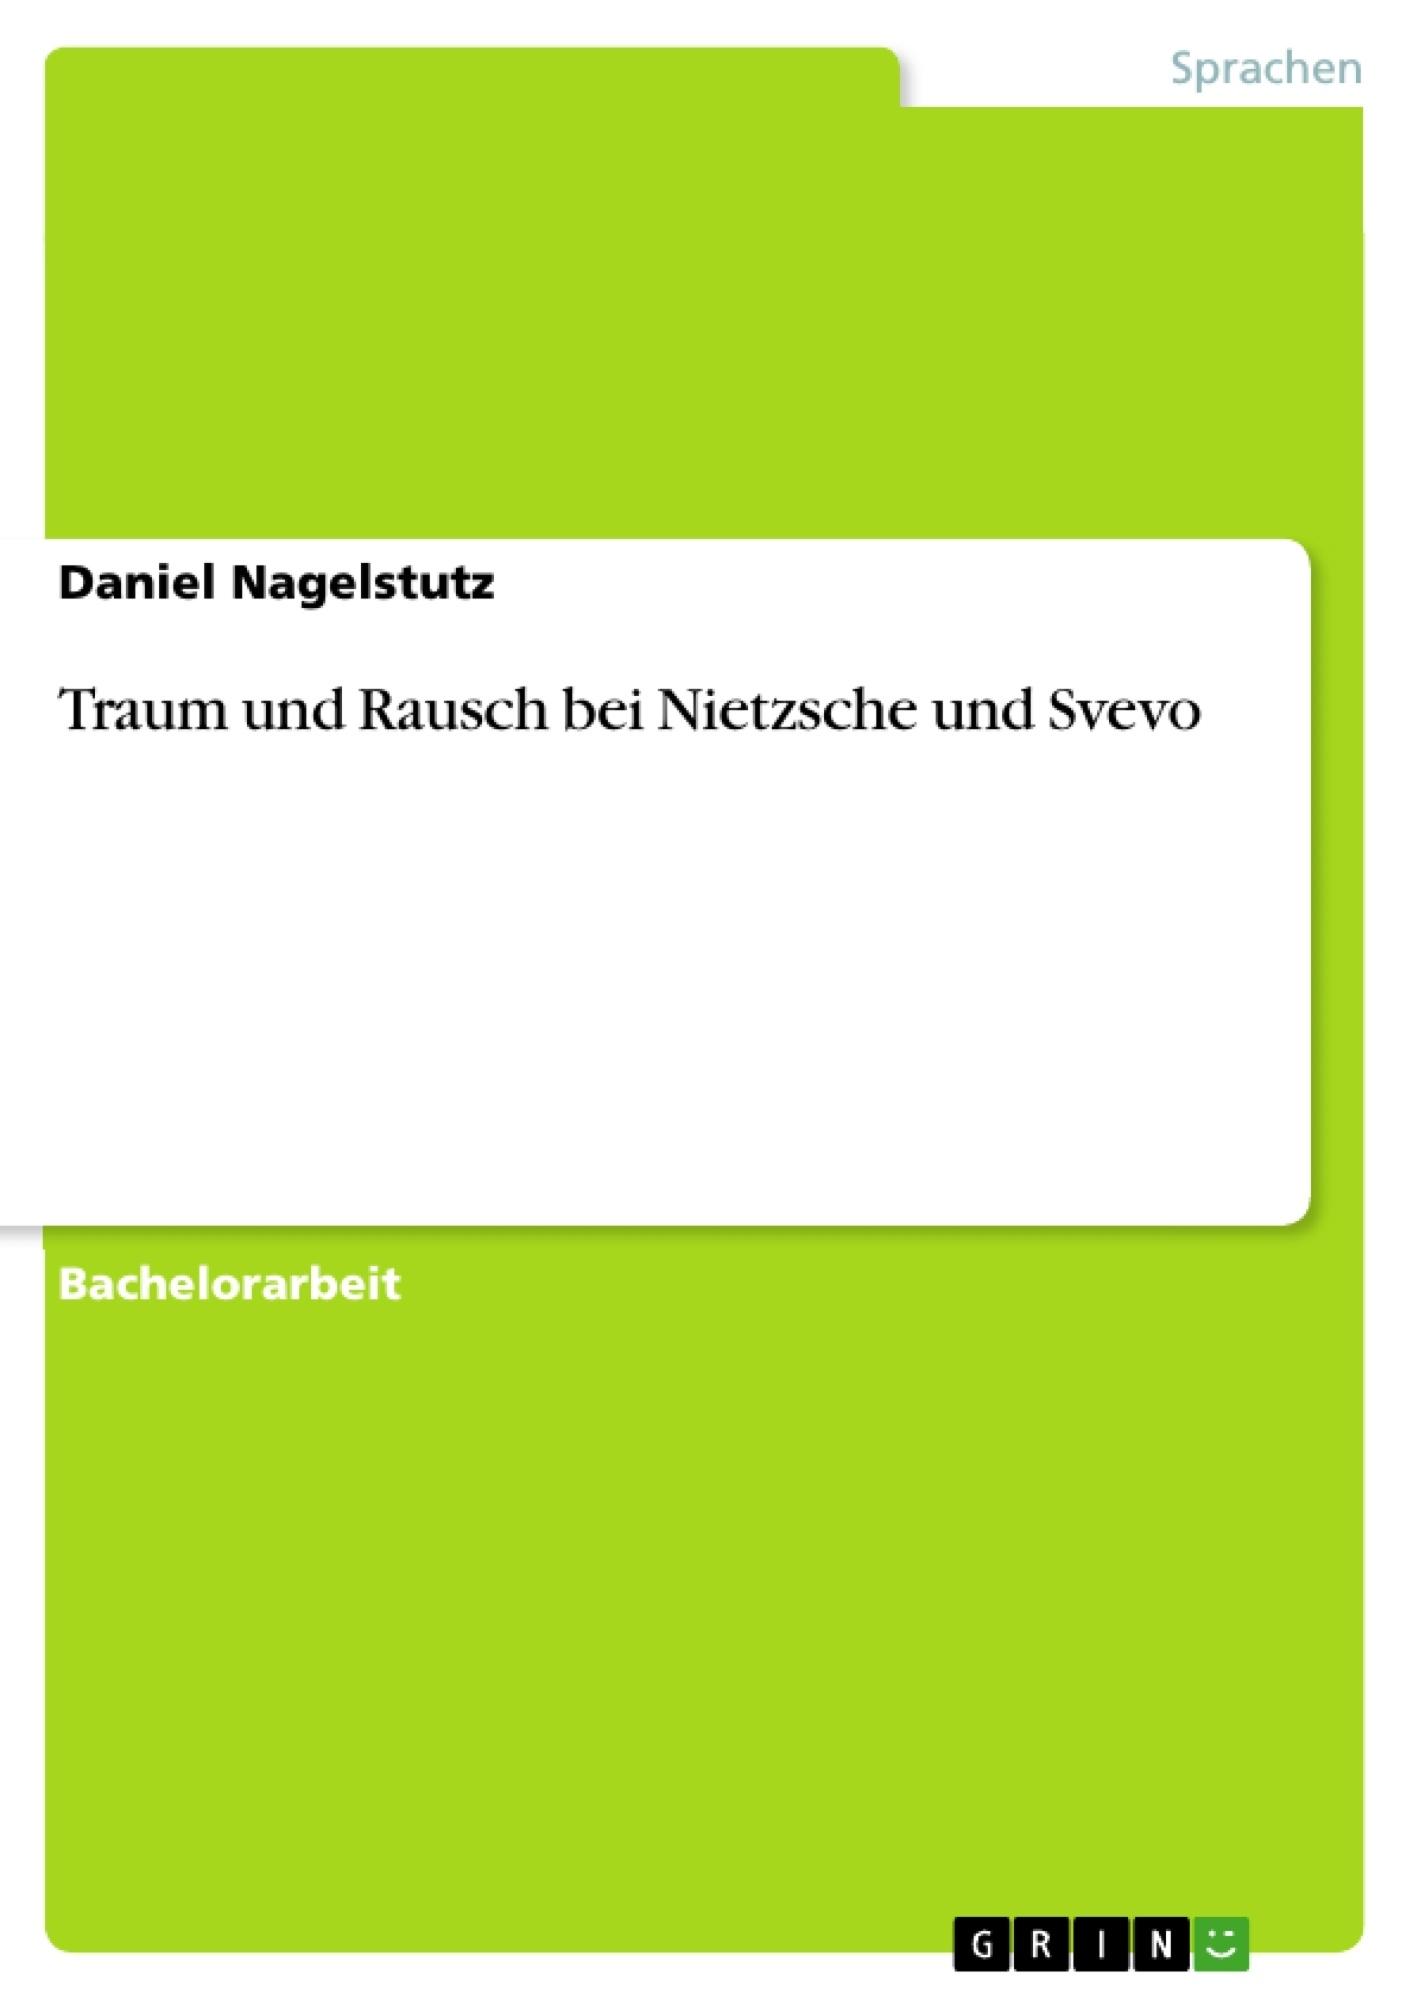 Titel: Traum und Rausch bei Nietzsche und Svevo